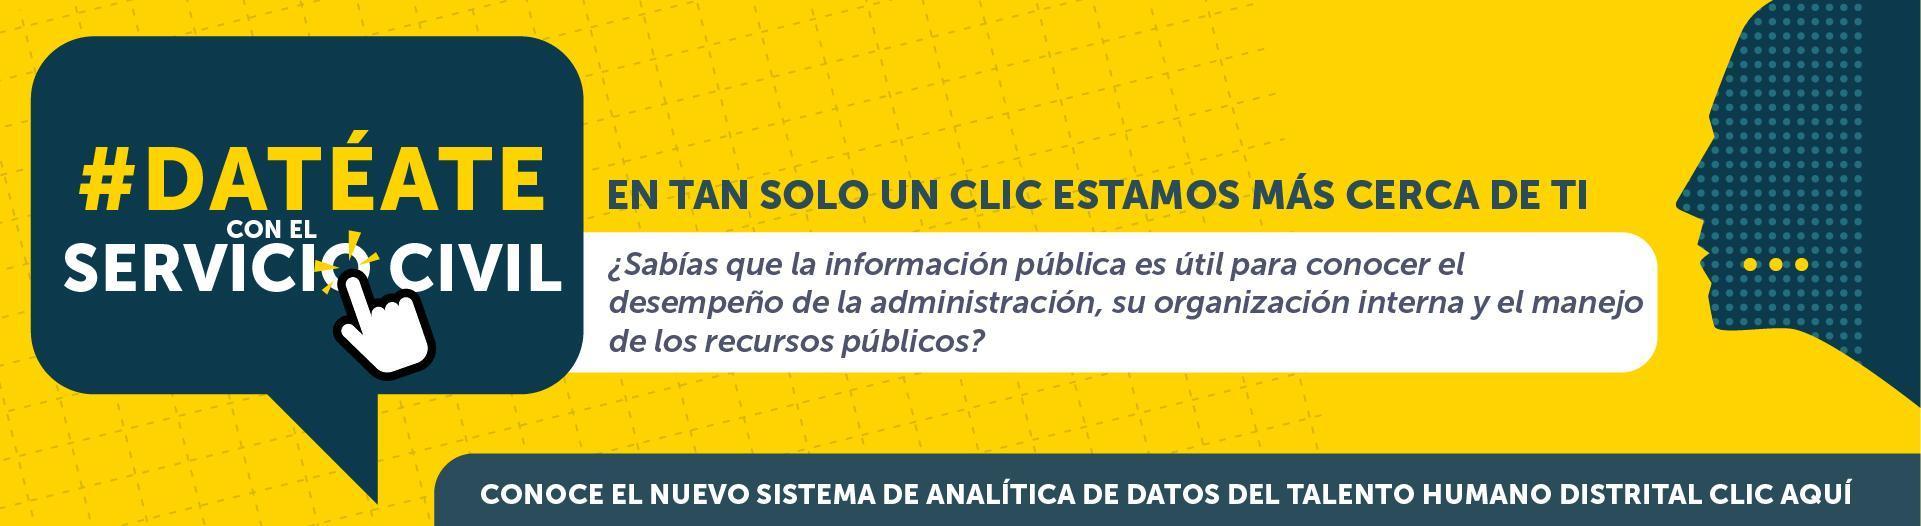 Analítica-datos